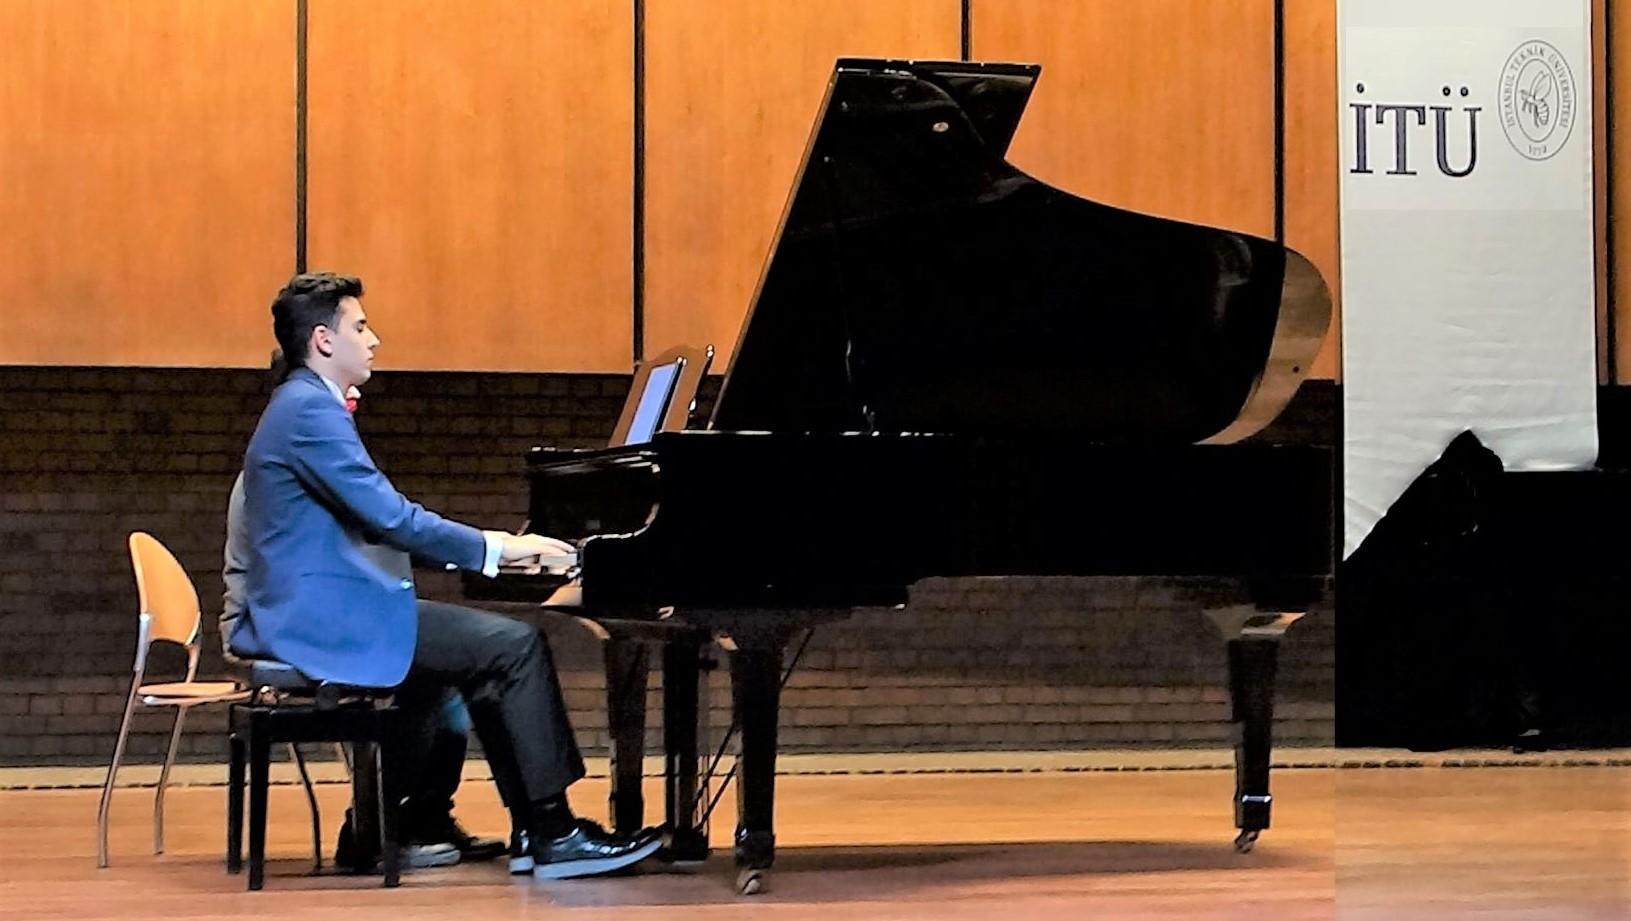 2019 Son Müzik Konserleri Şarkı Türkü Piyano Nota Düzenlemeleri Genç Düzenlemeci Aranjör Güneş Yakartepe Son Çıkan Şarkı Besteleri 2020 Son Beste Aranjman Son Bestecileri